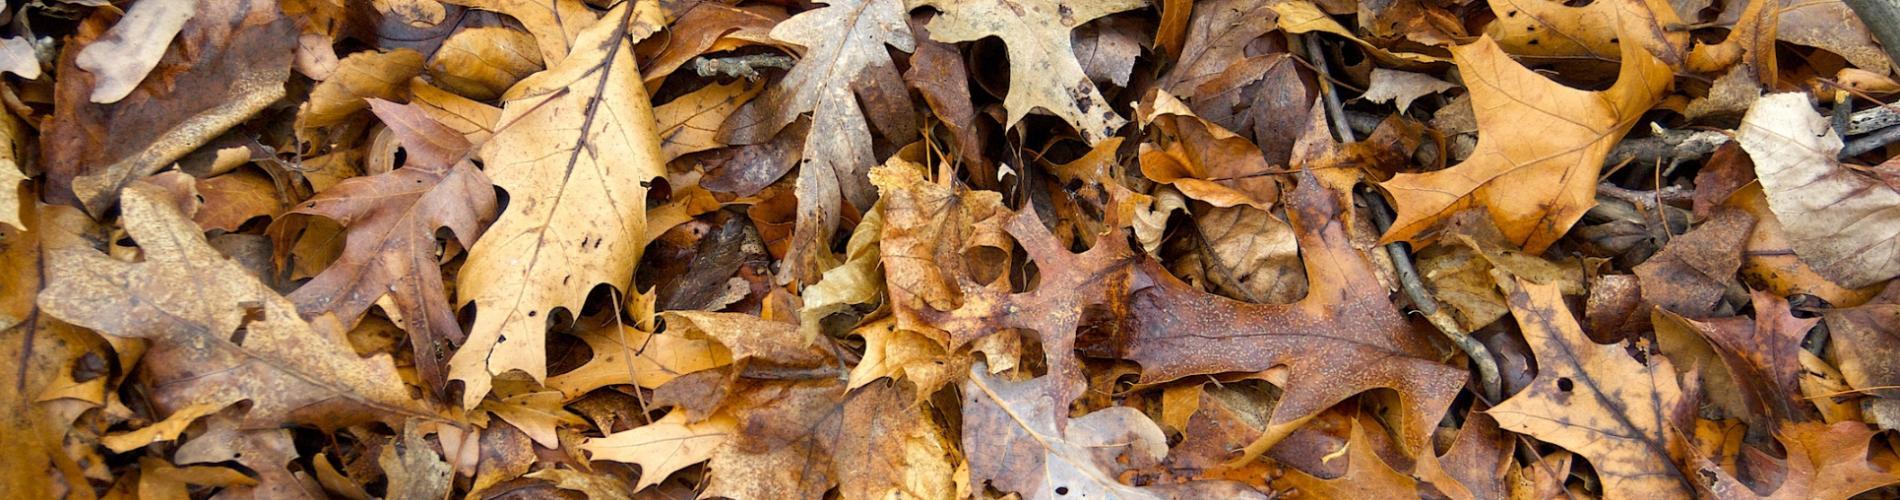 Oak leaf litter © Douglas Tallamy